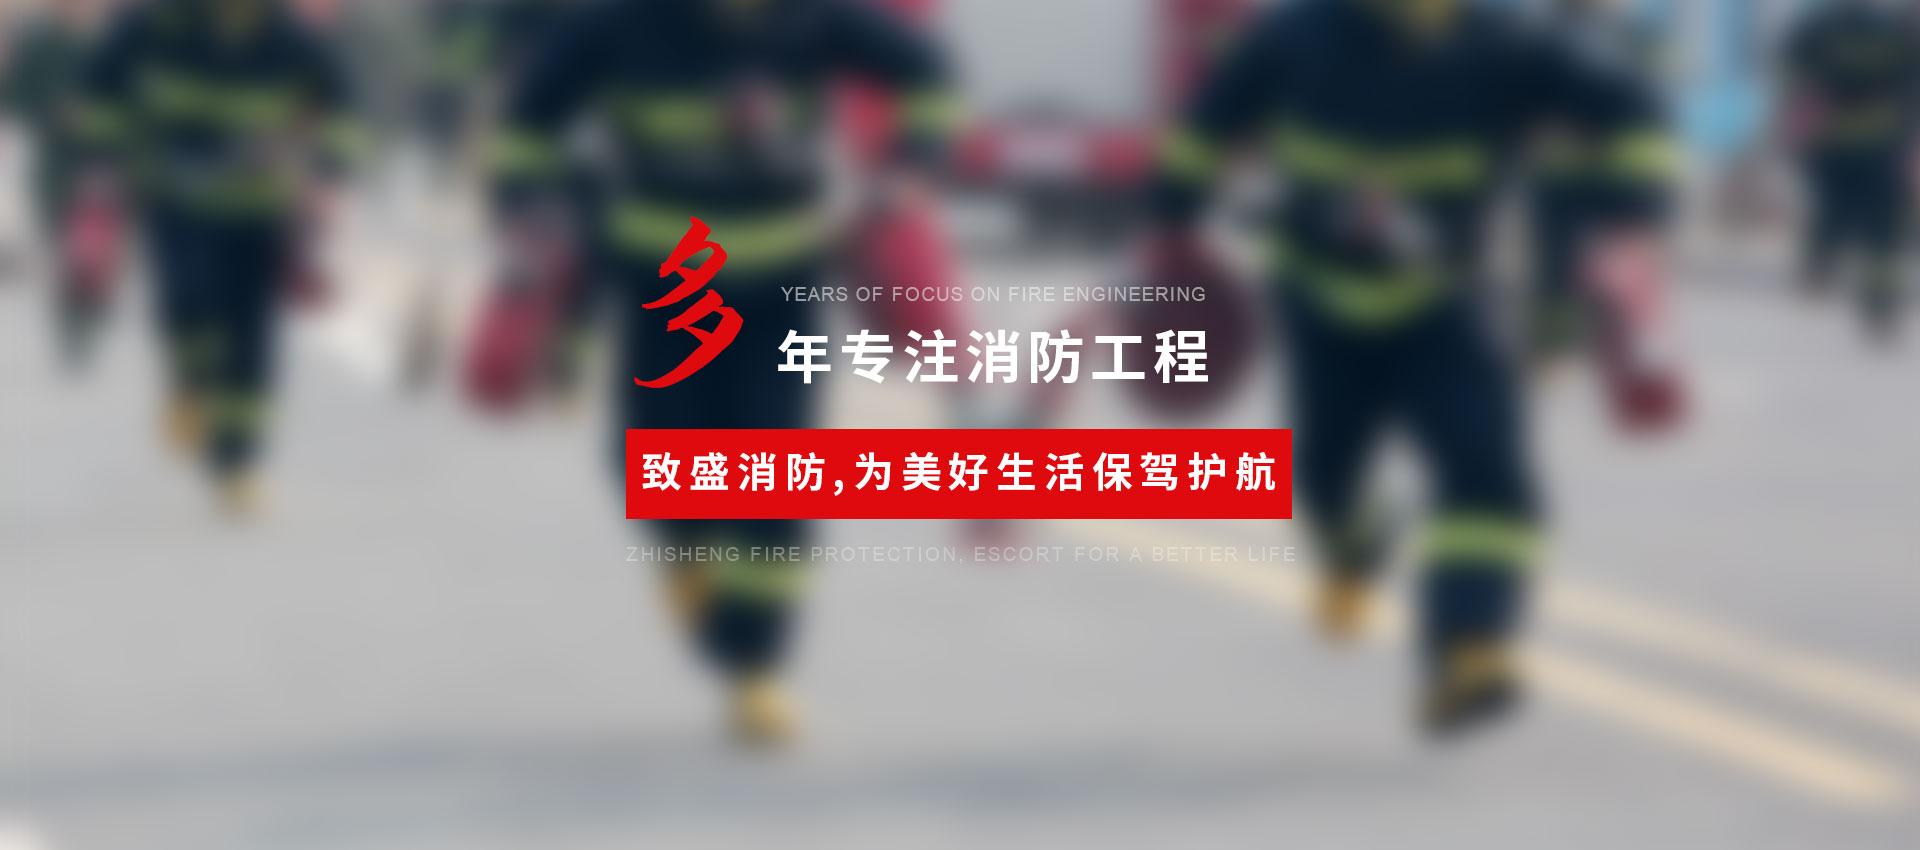 四川消防工程